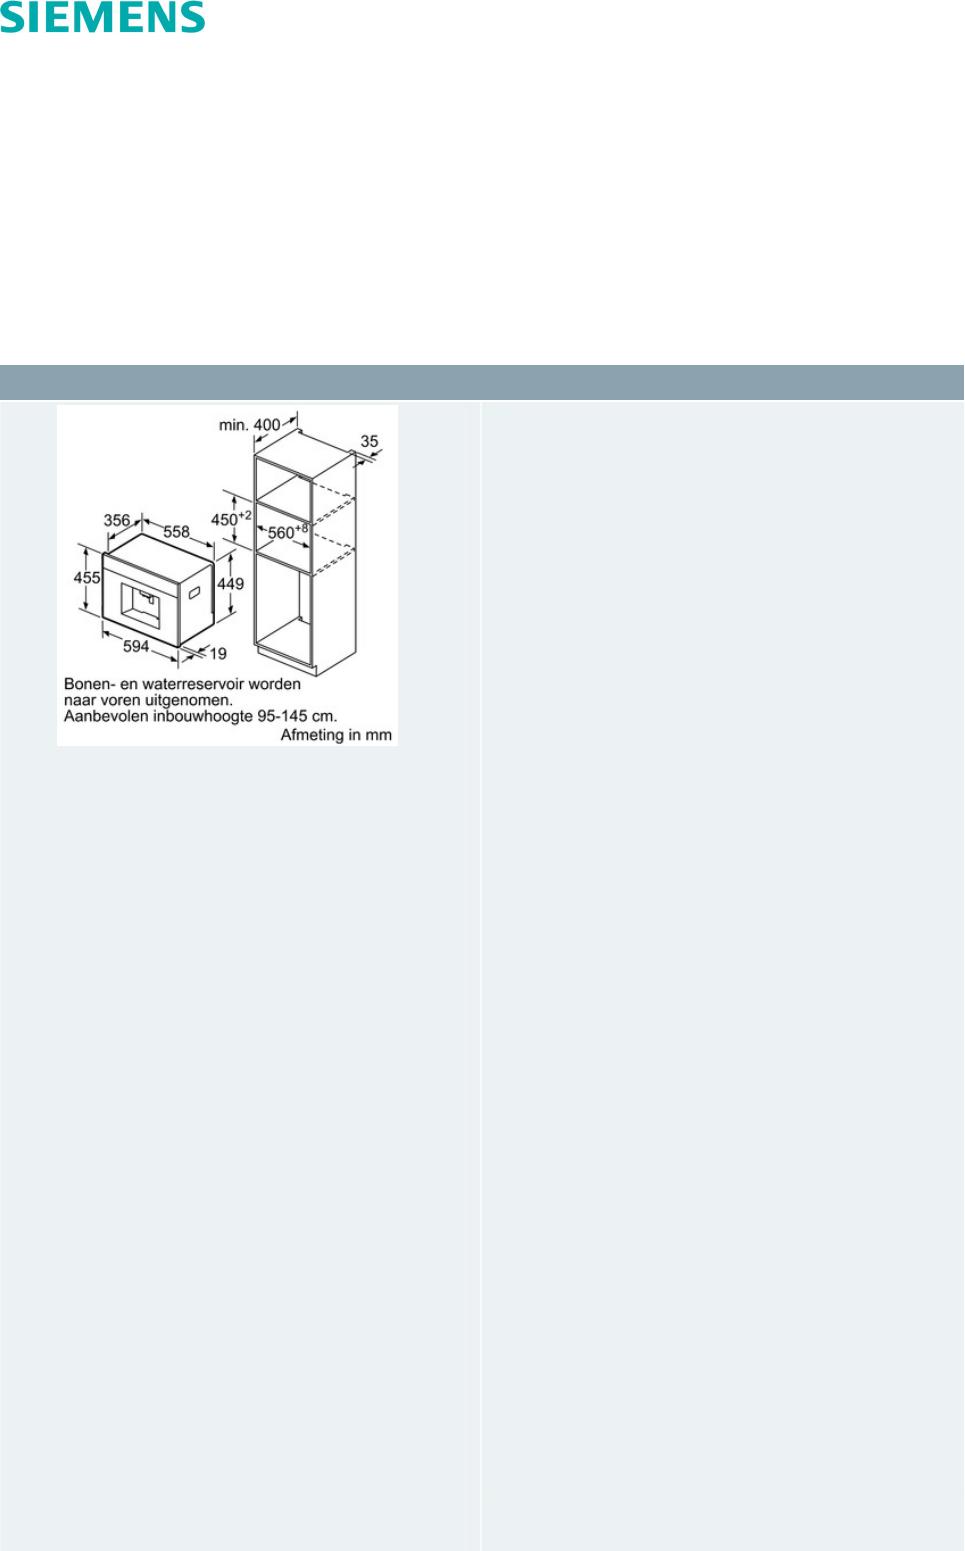 Handleiding Siemens CT636LES1 (pagina 1 van 3) (Nederlands)